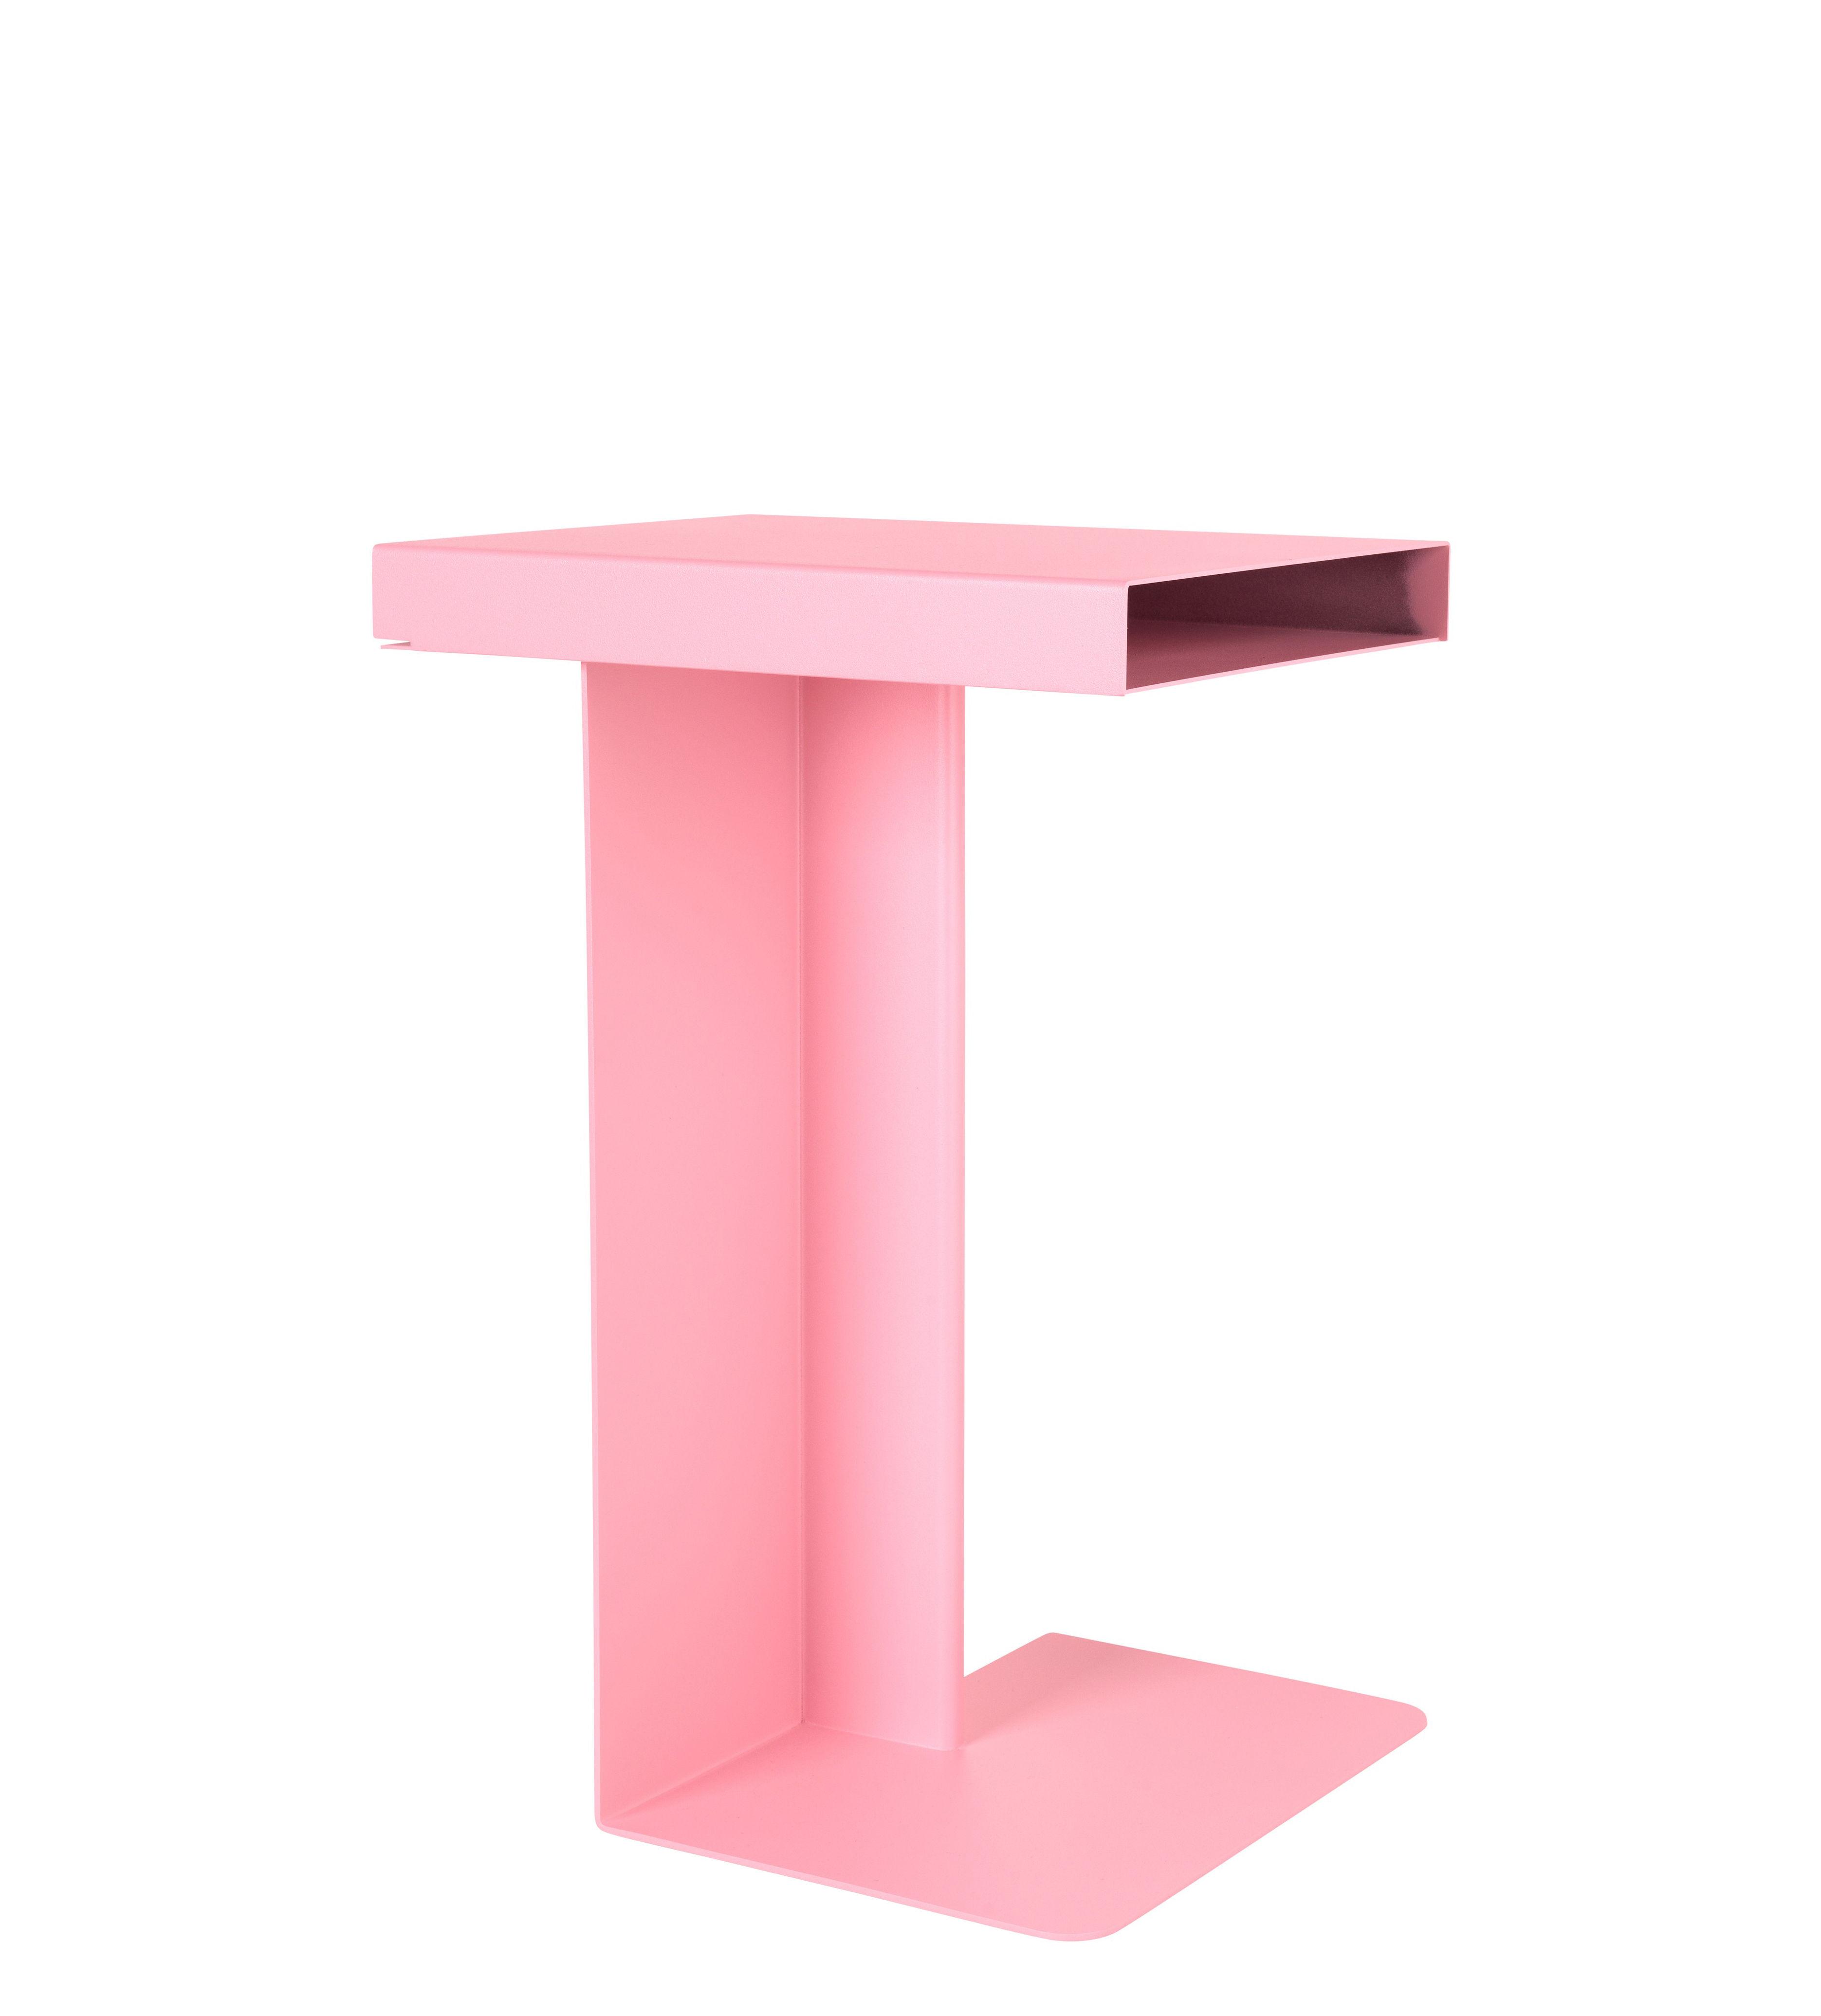 Mobilier - Tables basses - Table d'appoint Radar / H 55 cm - Métal - Nomess - Rose - Métal laqué époxy